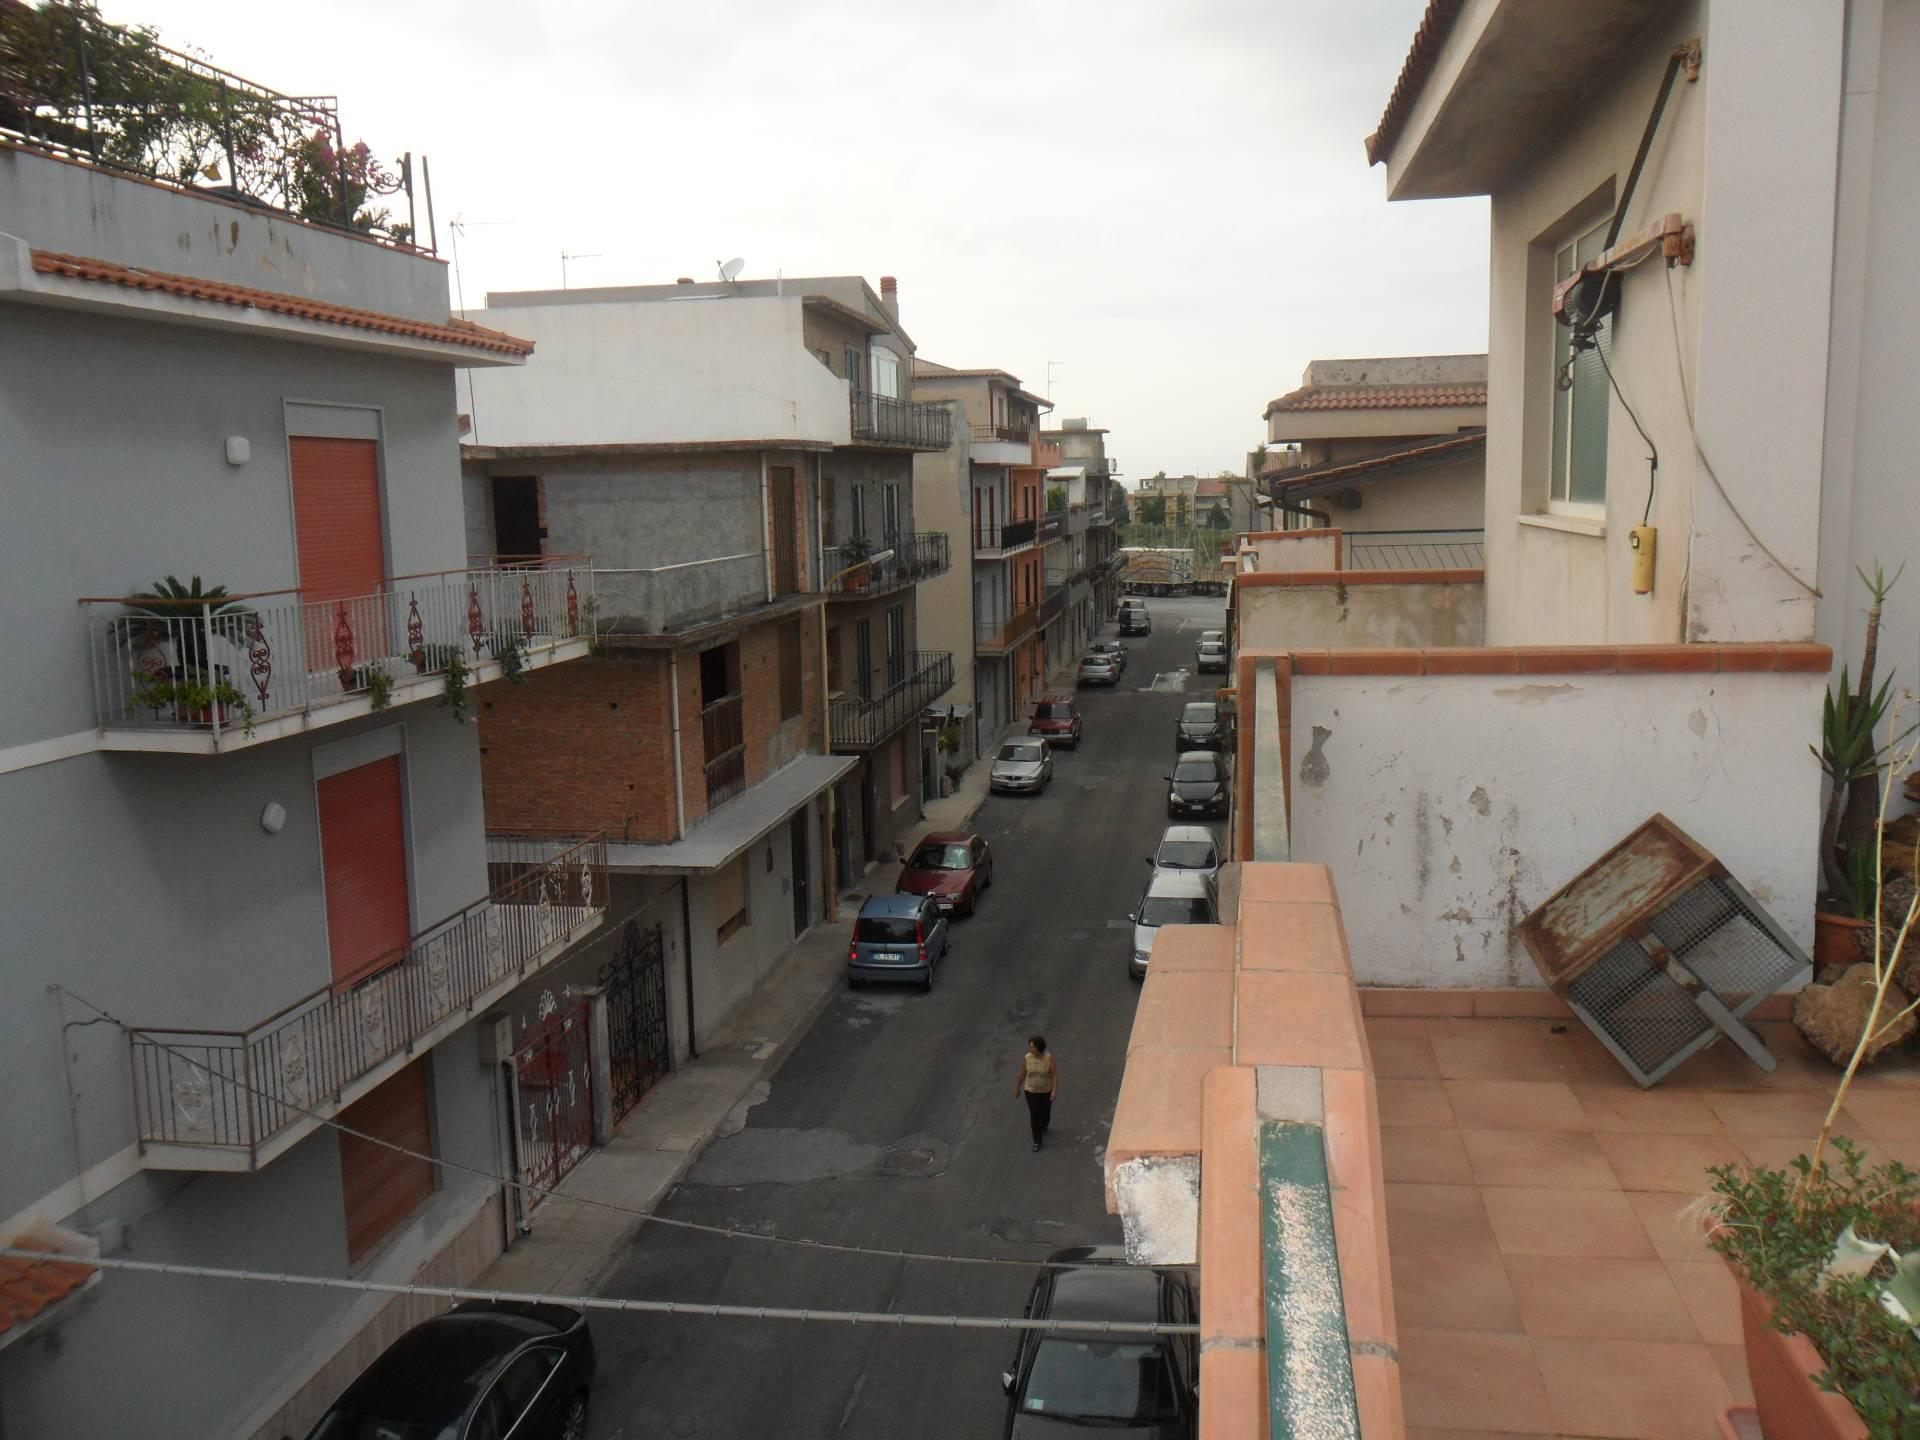 Appartamento in vendita a Terme Vigliatore, 7 locali, zona Località: mollerino, prezzo € 150.000 | PortaleAgenzieImmobiliari.it